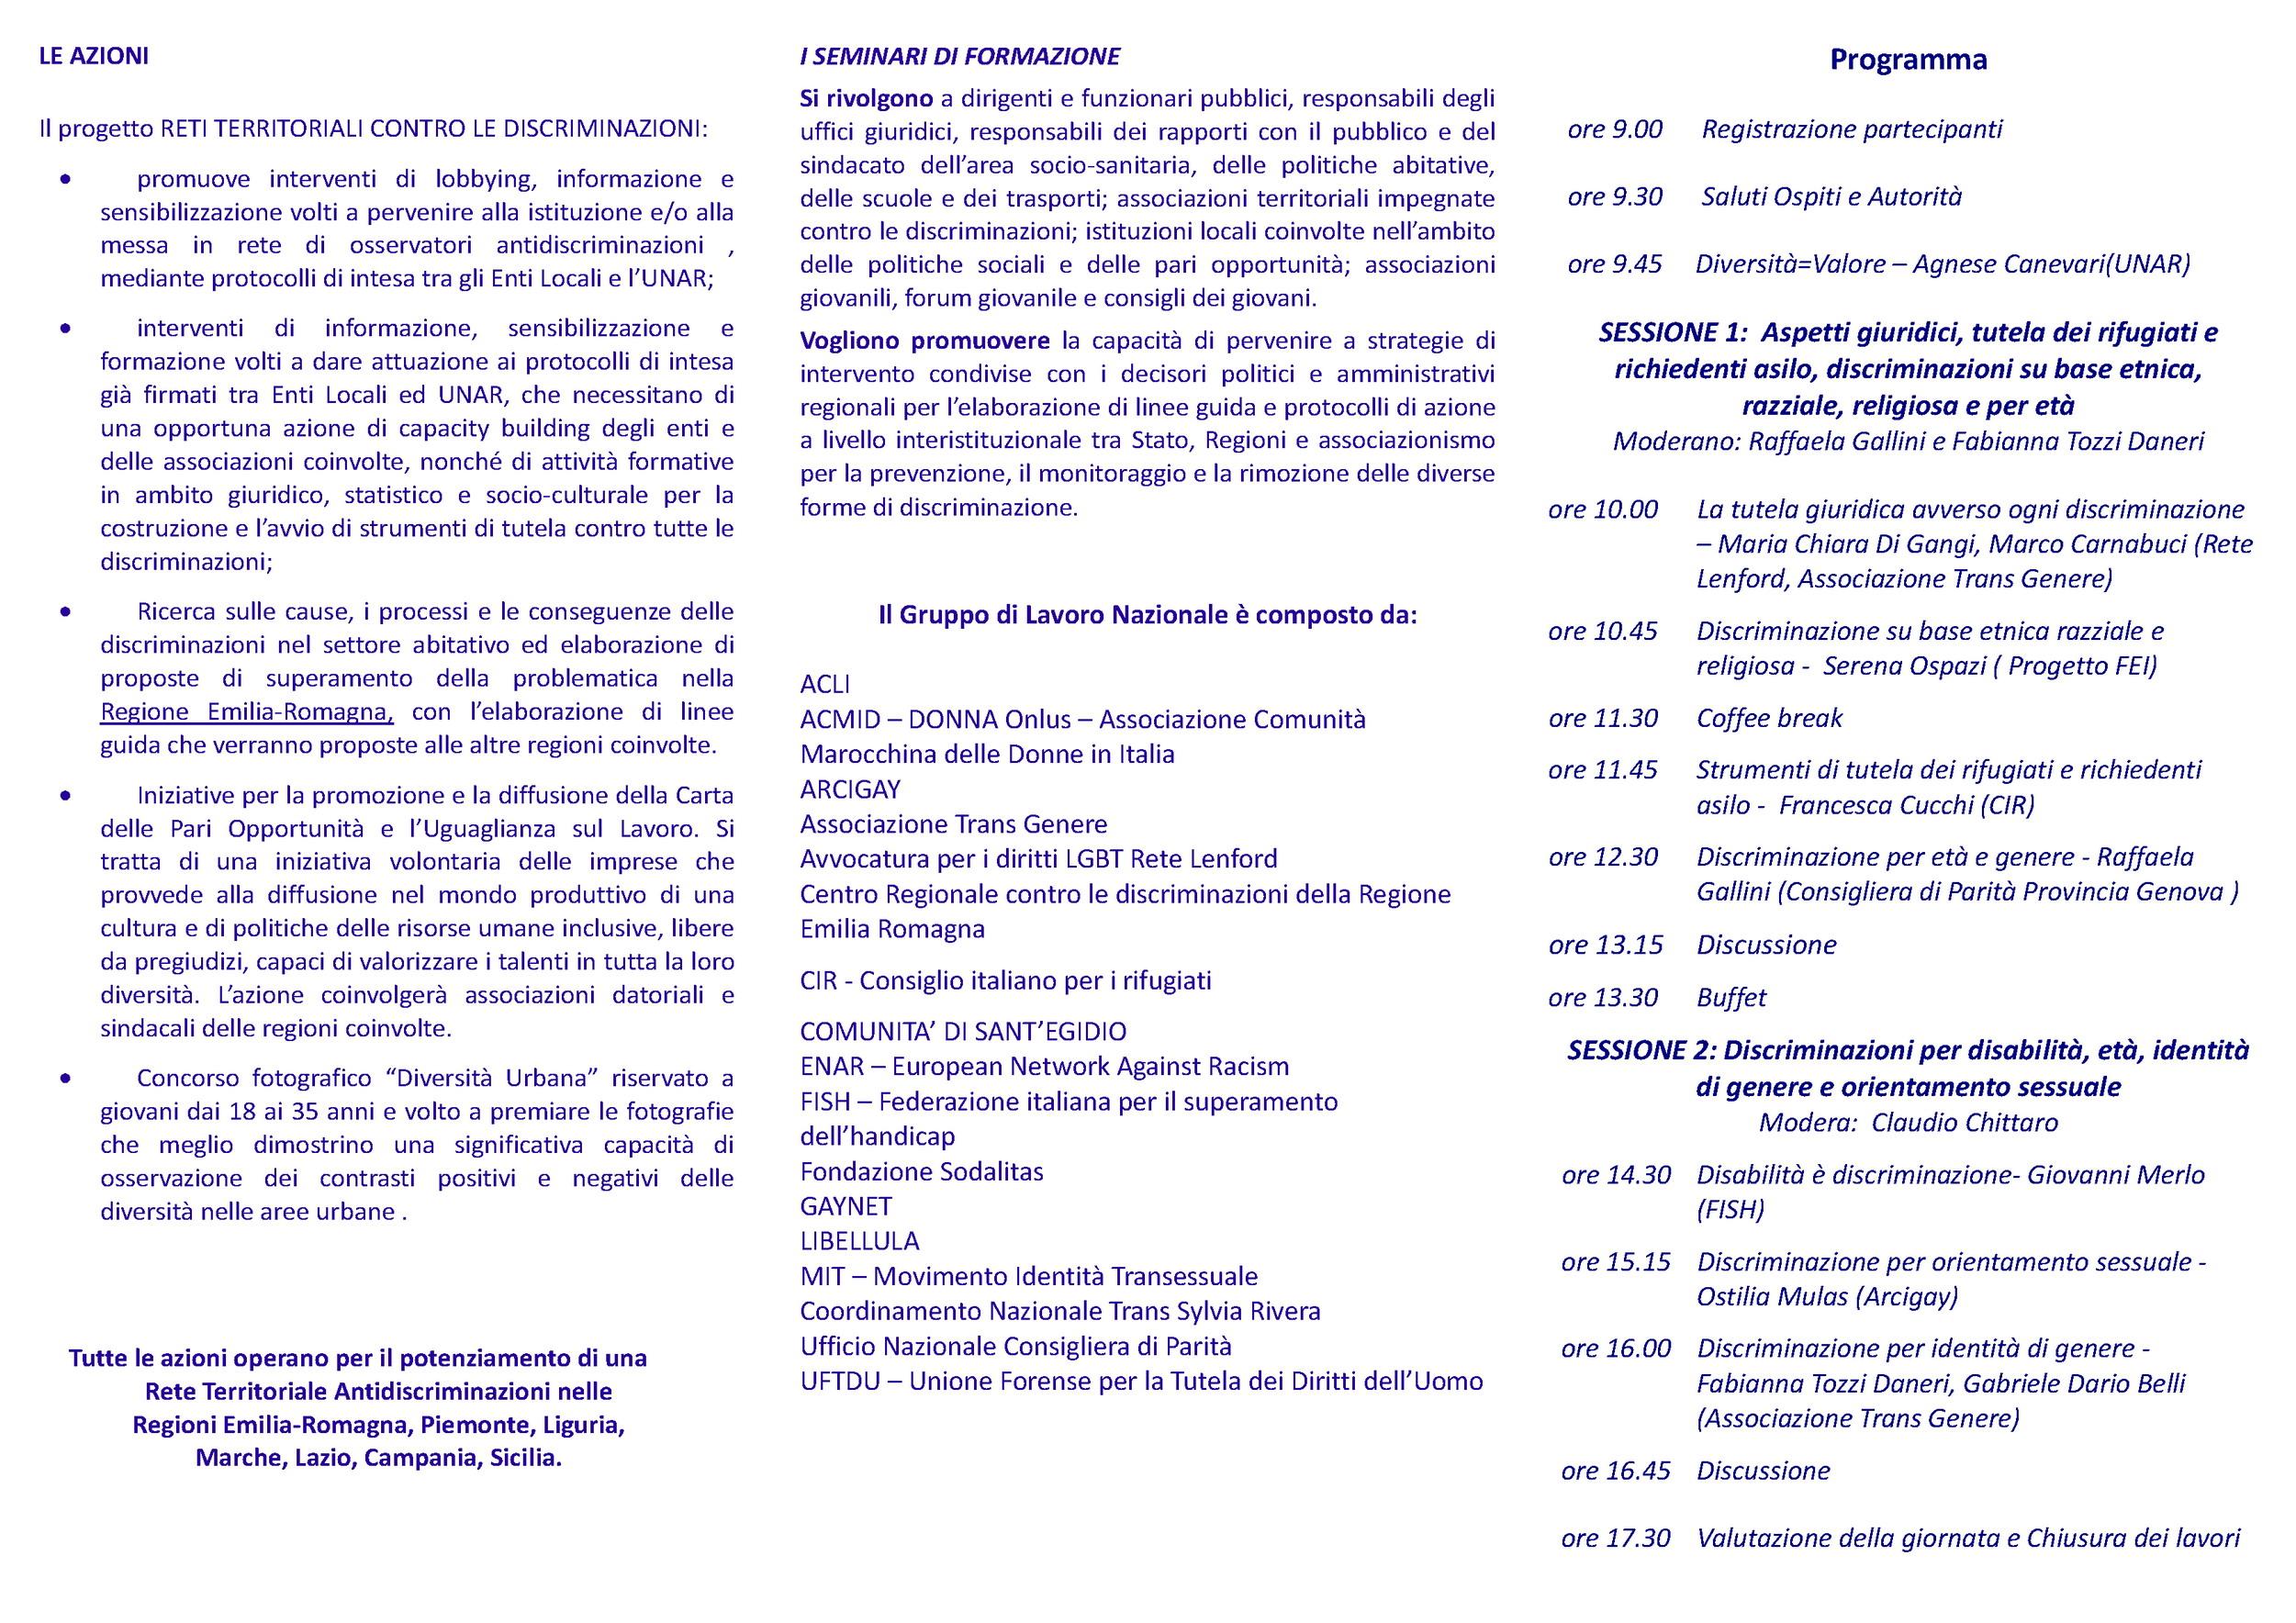 10/06/11 Genova - Seminario sulle diverse forme di discriminazione [Flickr]